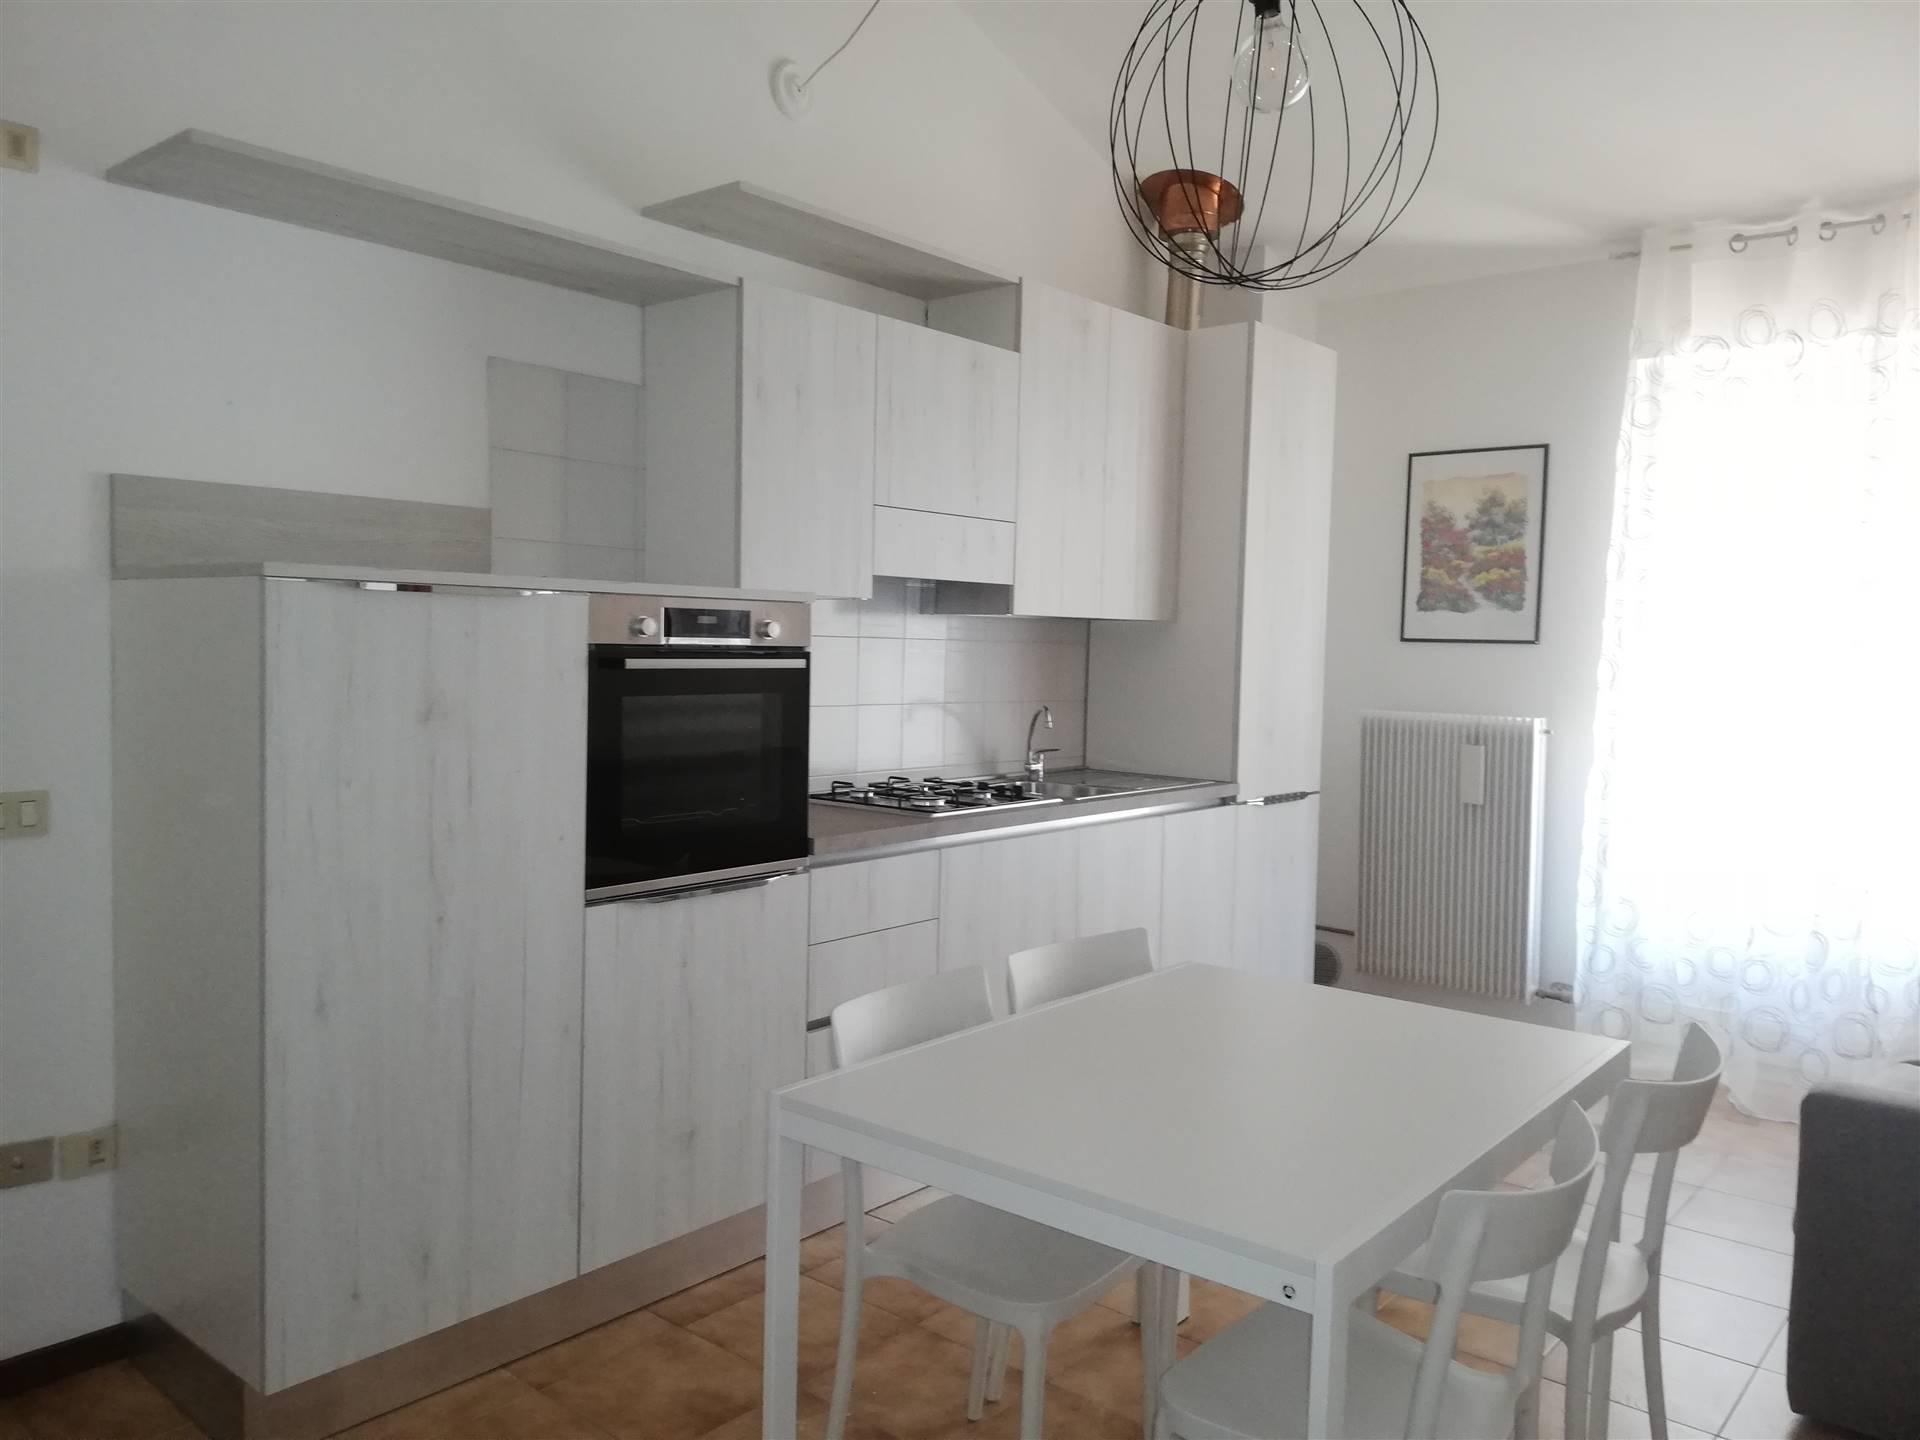 Appartamento in affitto a Sondrio, 2 locali, zona Località: CENTRO, prezzo € 400   PortaleAgenzieImmobiliari.it